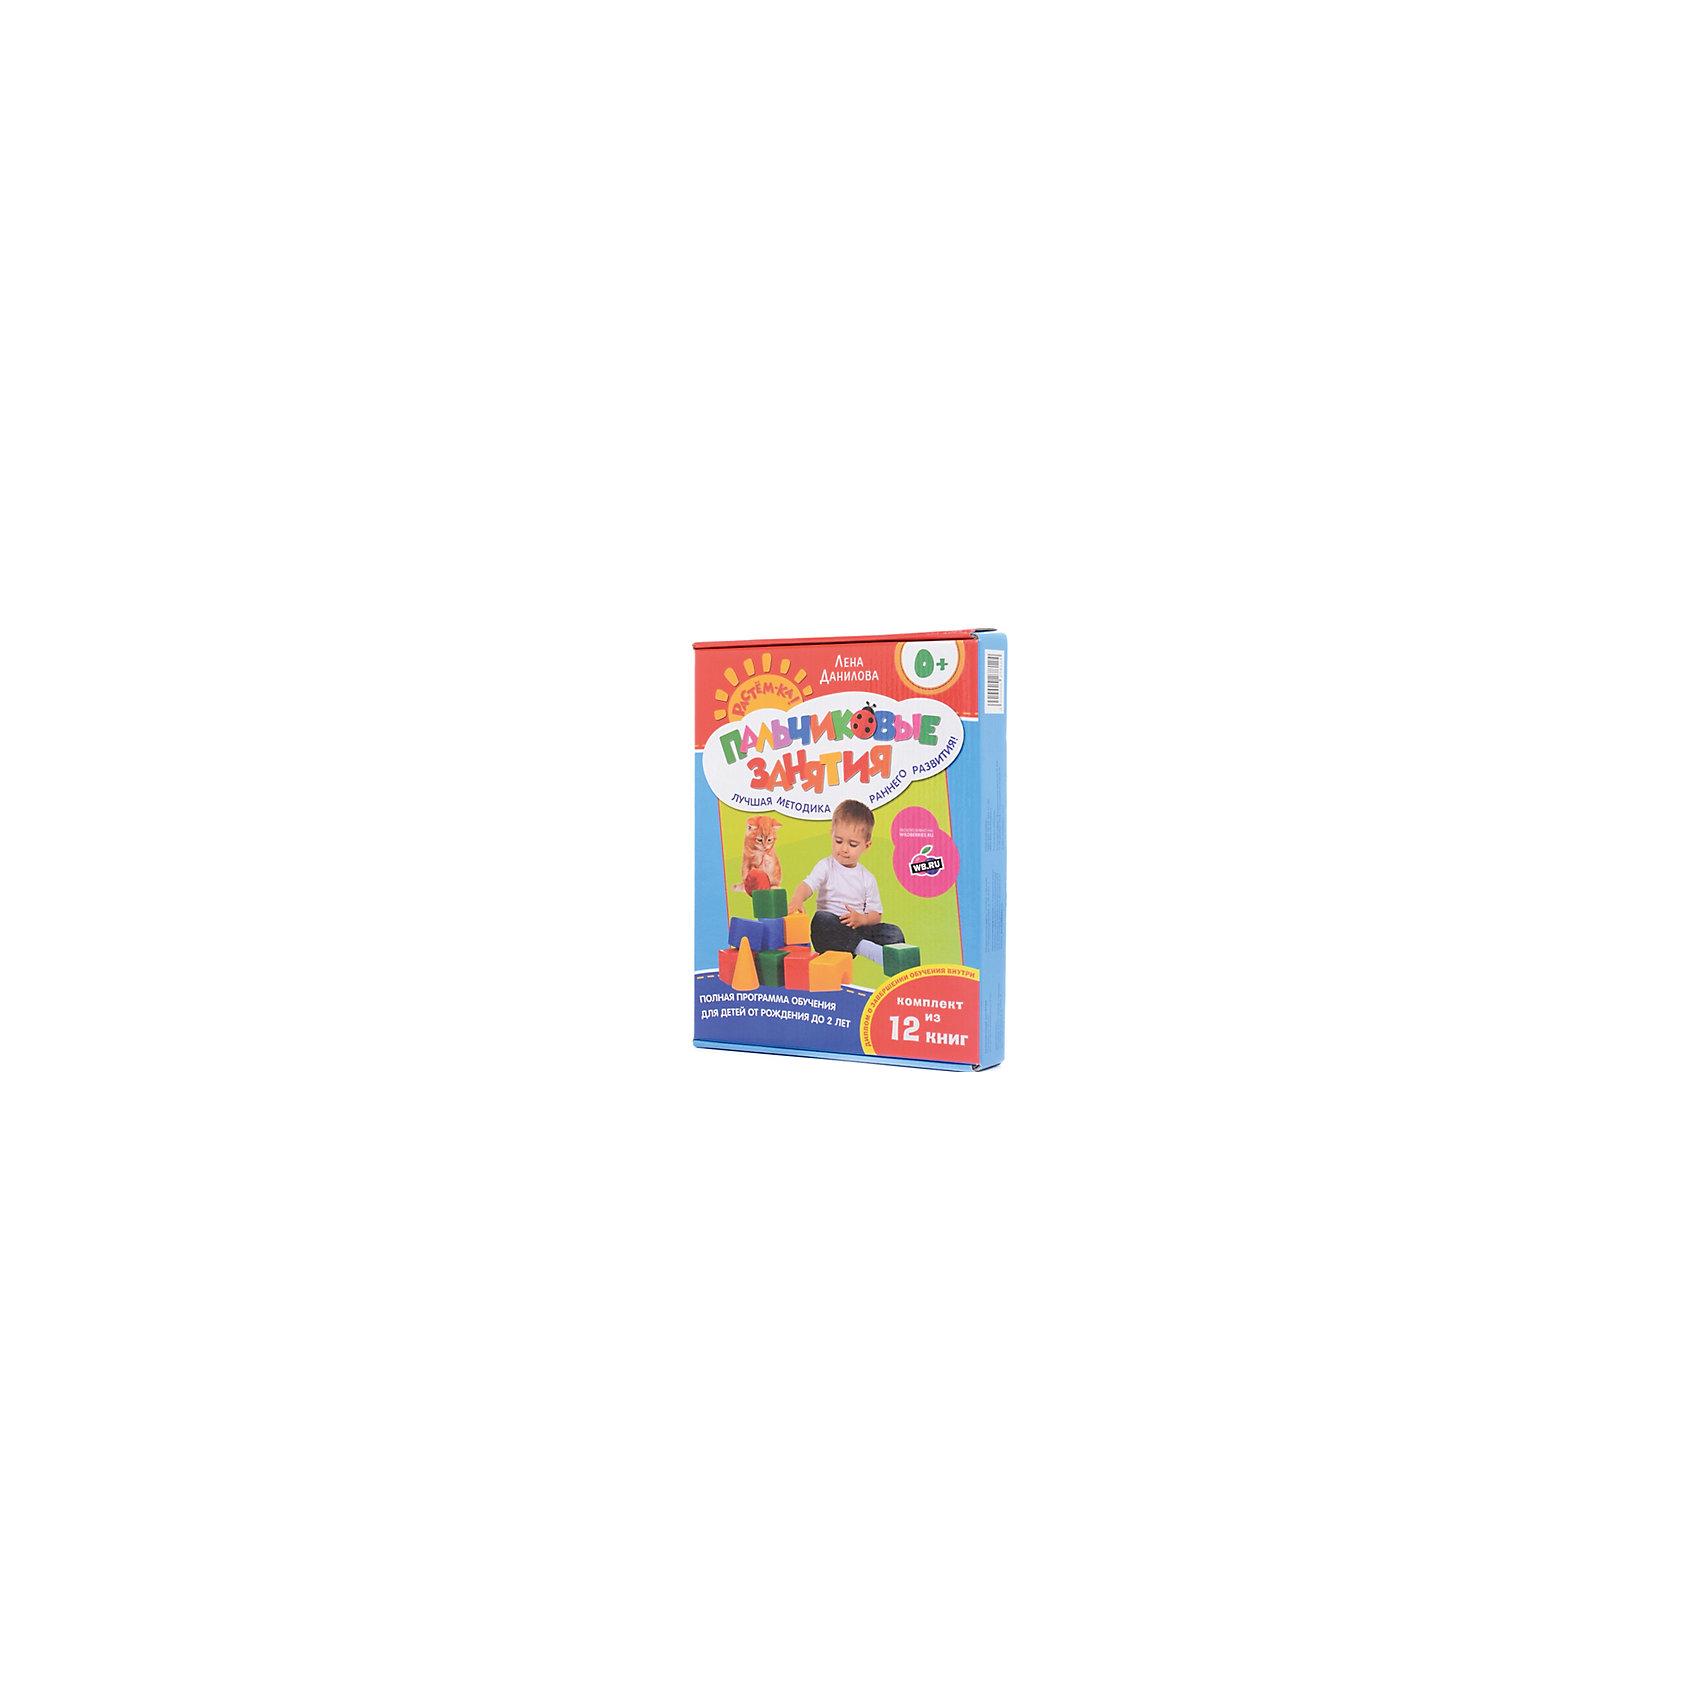 Комплект Пальчиковые занятия из 12 книг  (0+)Рисование<br>Комплект из 12 брошюр Пальчиковые занятия - красочное пособие с уникальной и эффективной методикой раннего развития. Каждая брошюра посвящена определенной теме, понятной и интересной малышу: Мой дом, Я одеваюсь, Букашки, Вкусная и полезная еда, Такие разные животные, Я и мое тело, Наша дружная семья, Погуляем в лесу, Собаки и кошки, Давай сравнивать!, Изучаем фигуры, Один, два три... много! Занятия проводятся в легкой веселой форме, задания, увлекательные игры и смешные движения будут интересны малышу и не дадут ему заскучать. Через игру с пальчиками, через простые подражательные движения ребенок быстро вовлекается в развивающую игру. Система построена таким образом, что с книгами можно работать в произвольном порядке, а занятия могут проводить даже совершенно неподготовленные родители. Игровой макет книг разработан с учетом психологических и физиологических особенностей детей. Регулярные занятия по данному пособию будут способствовать всестороннему гармоничному развитию малыша.<br><br>Дополнительная информация:<br><br>- Автор: Е. А. Данилова.<br>- Серия: Растем-ка!<br>- Переплет: мягкая обложка, футляр.<br>- Иллюстрации: цветные.<br>- Объем: 192 стр.<br>- Размер упаковки: 27 x 20,5 х 3,5 см.<br>- Вес: 1,15 кг.<br><br>Комплект Пальчиковые занятия из 12 книг (0+), Росмэн, можно купить в нашем интернет-магазине.<br><br>Ширина мм: 270<br>Глубина мм: 205<br>Высота мм: 35<br>Вес г: 1150<br>Возраст от месяцев: 0<br>Возраст до месяцев: 36<br>Пол: Унисекс<br>Возраст: Детский<br>SKU: 4244019